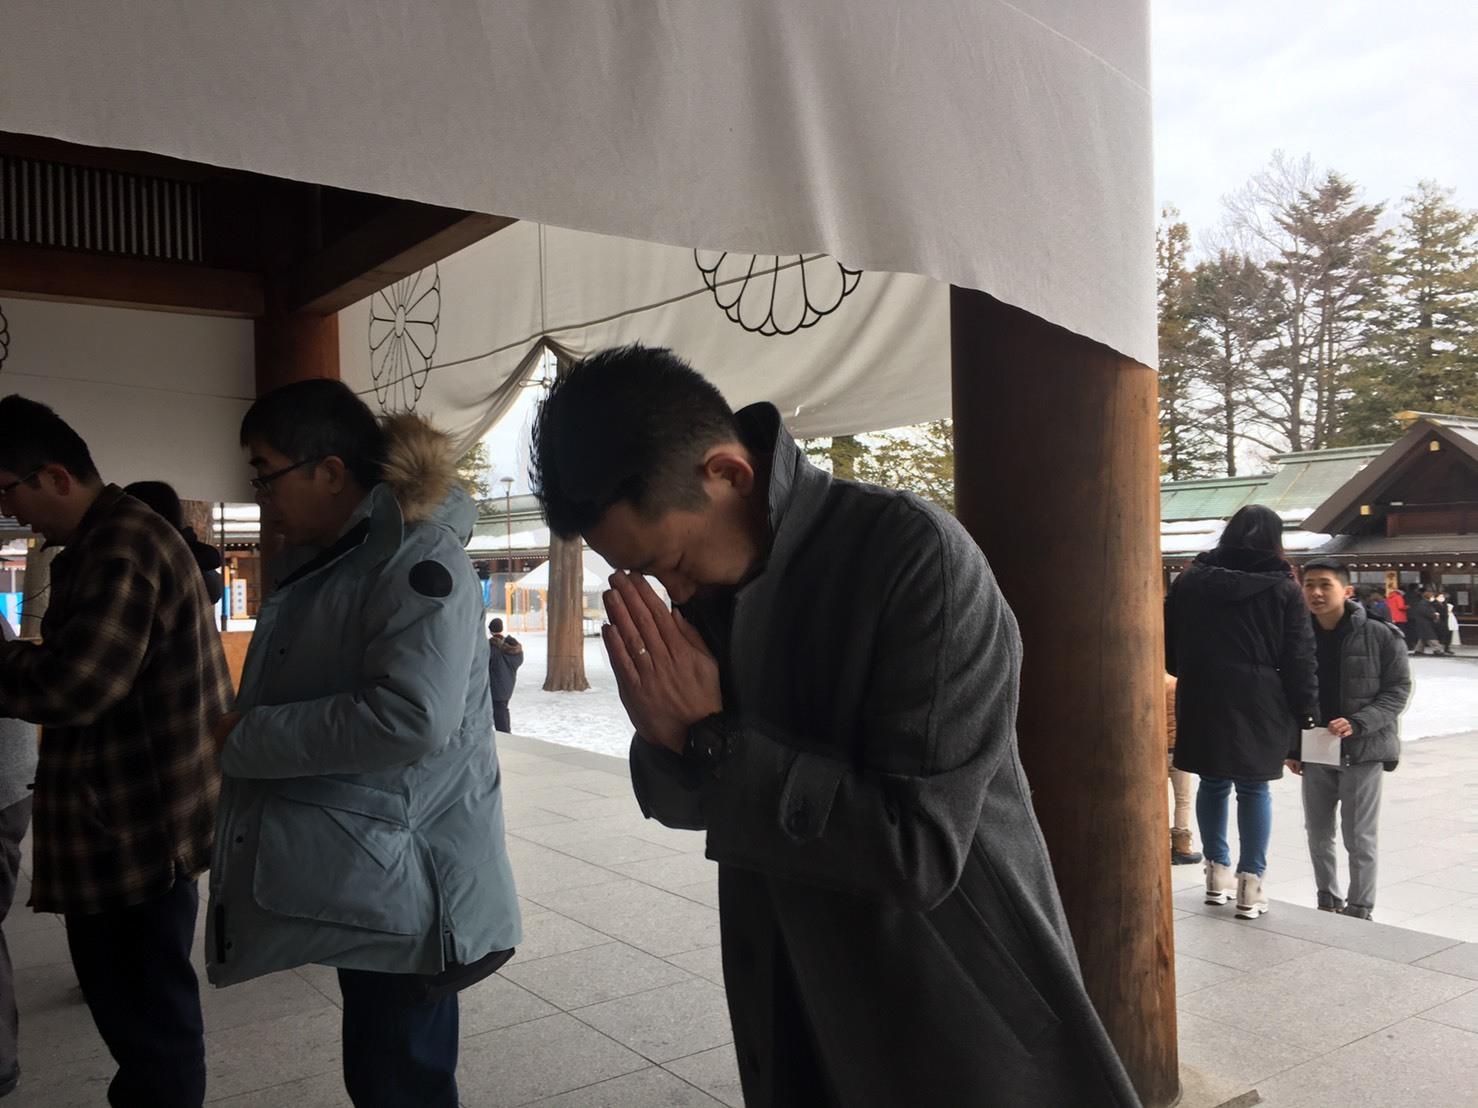 2月1日(土)☆TOMMYアウトレット☆あゆブログ٩(*´∀`*)۶ 神宮参拝日☆ パレットH様ご成約♪N様プリウス納車!_b0127002_16384573.jpg